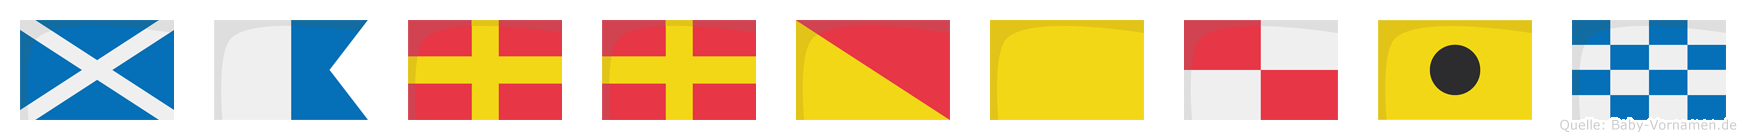 Marroquin im Flaggenalphabet